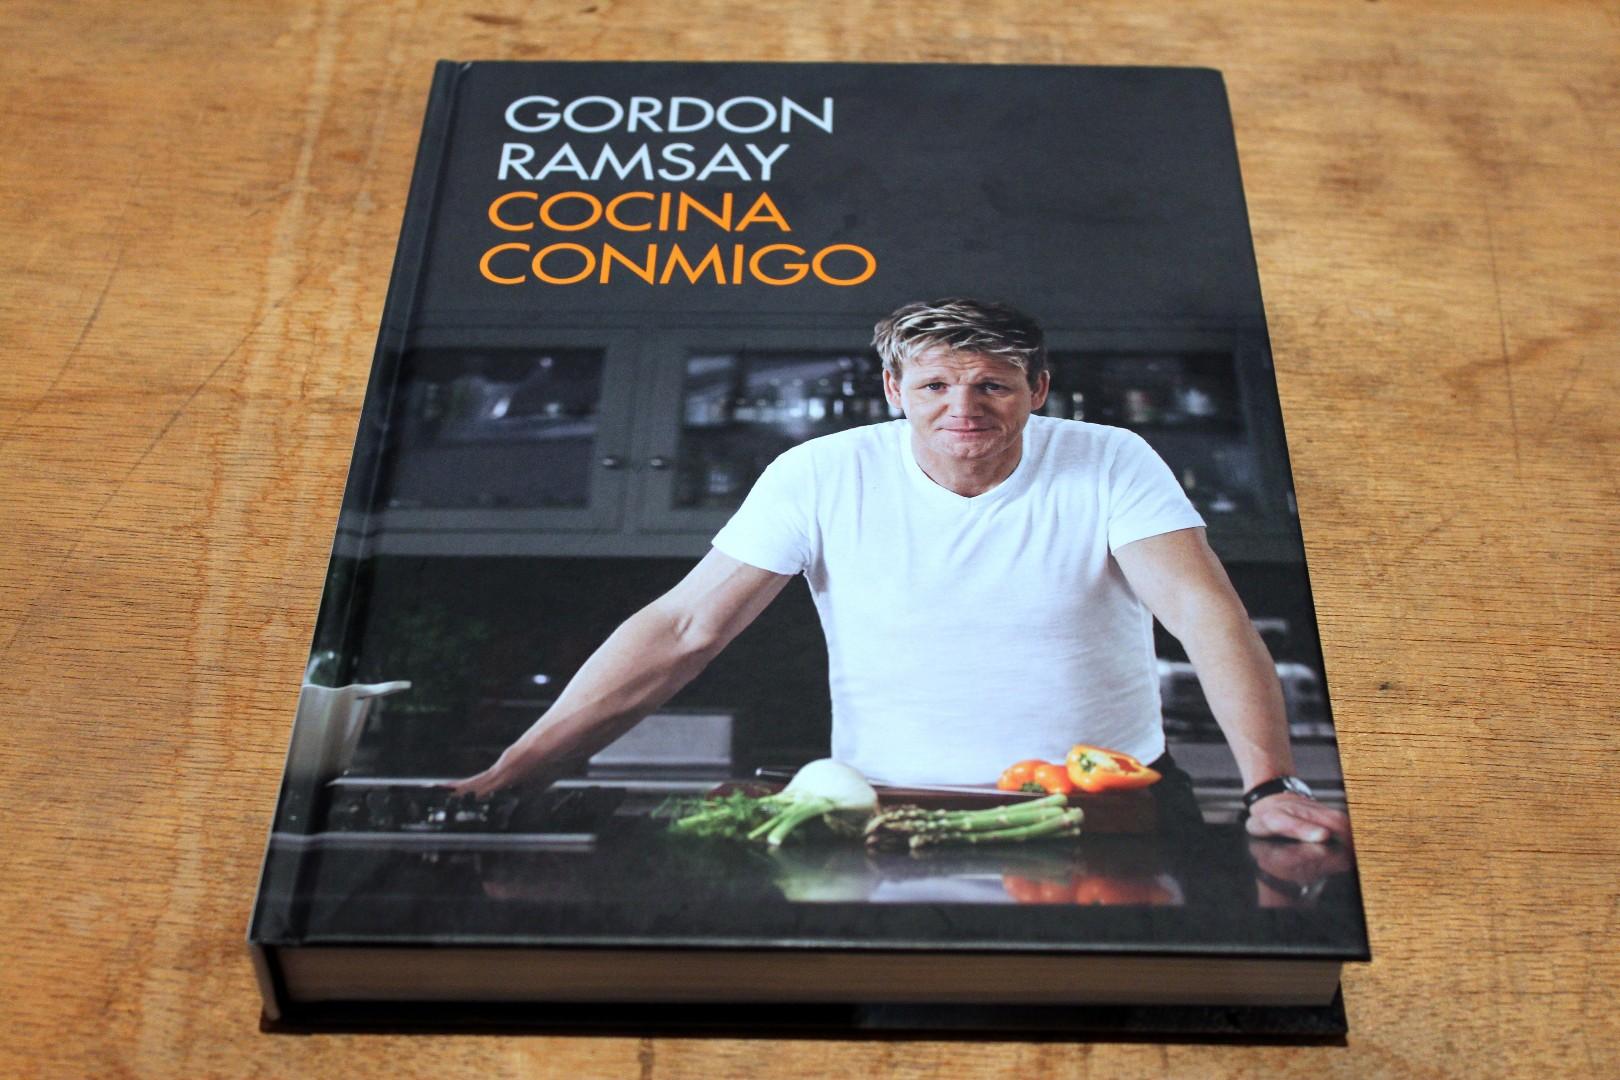 Cocina conmigo el nuevo libro de recetas de gordon ramsay for Los mejores libros de cocina